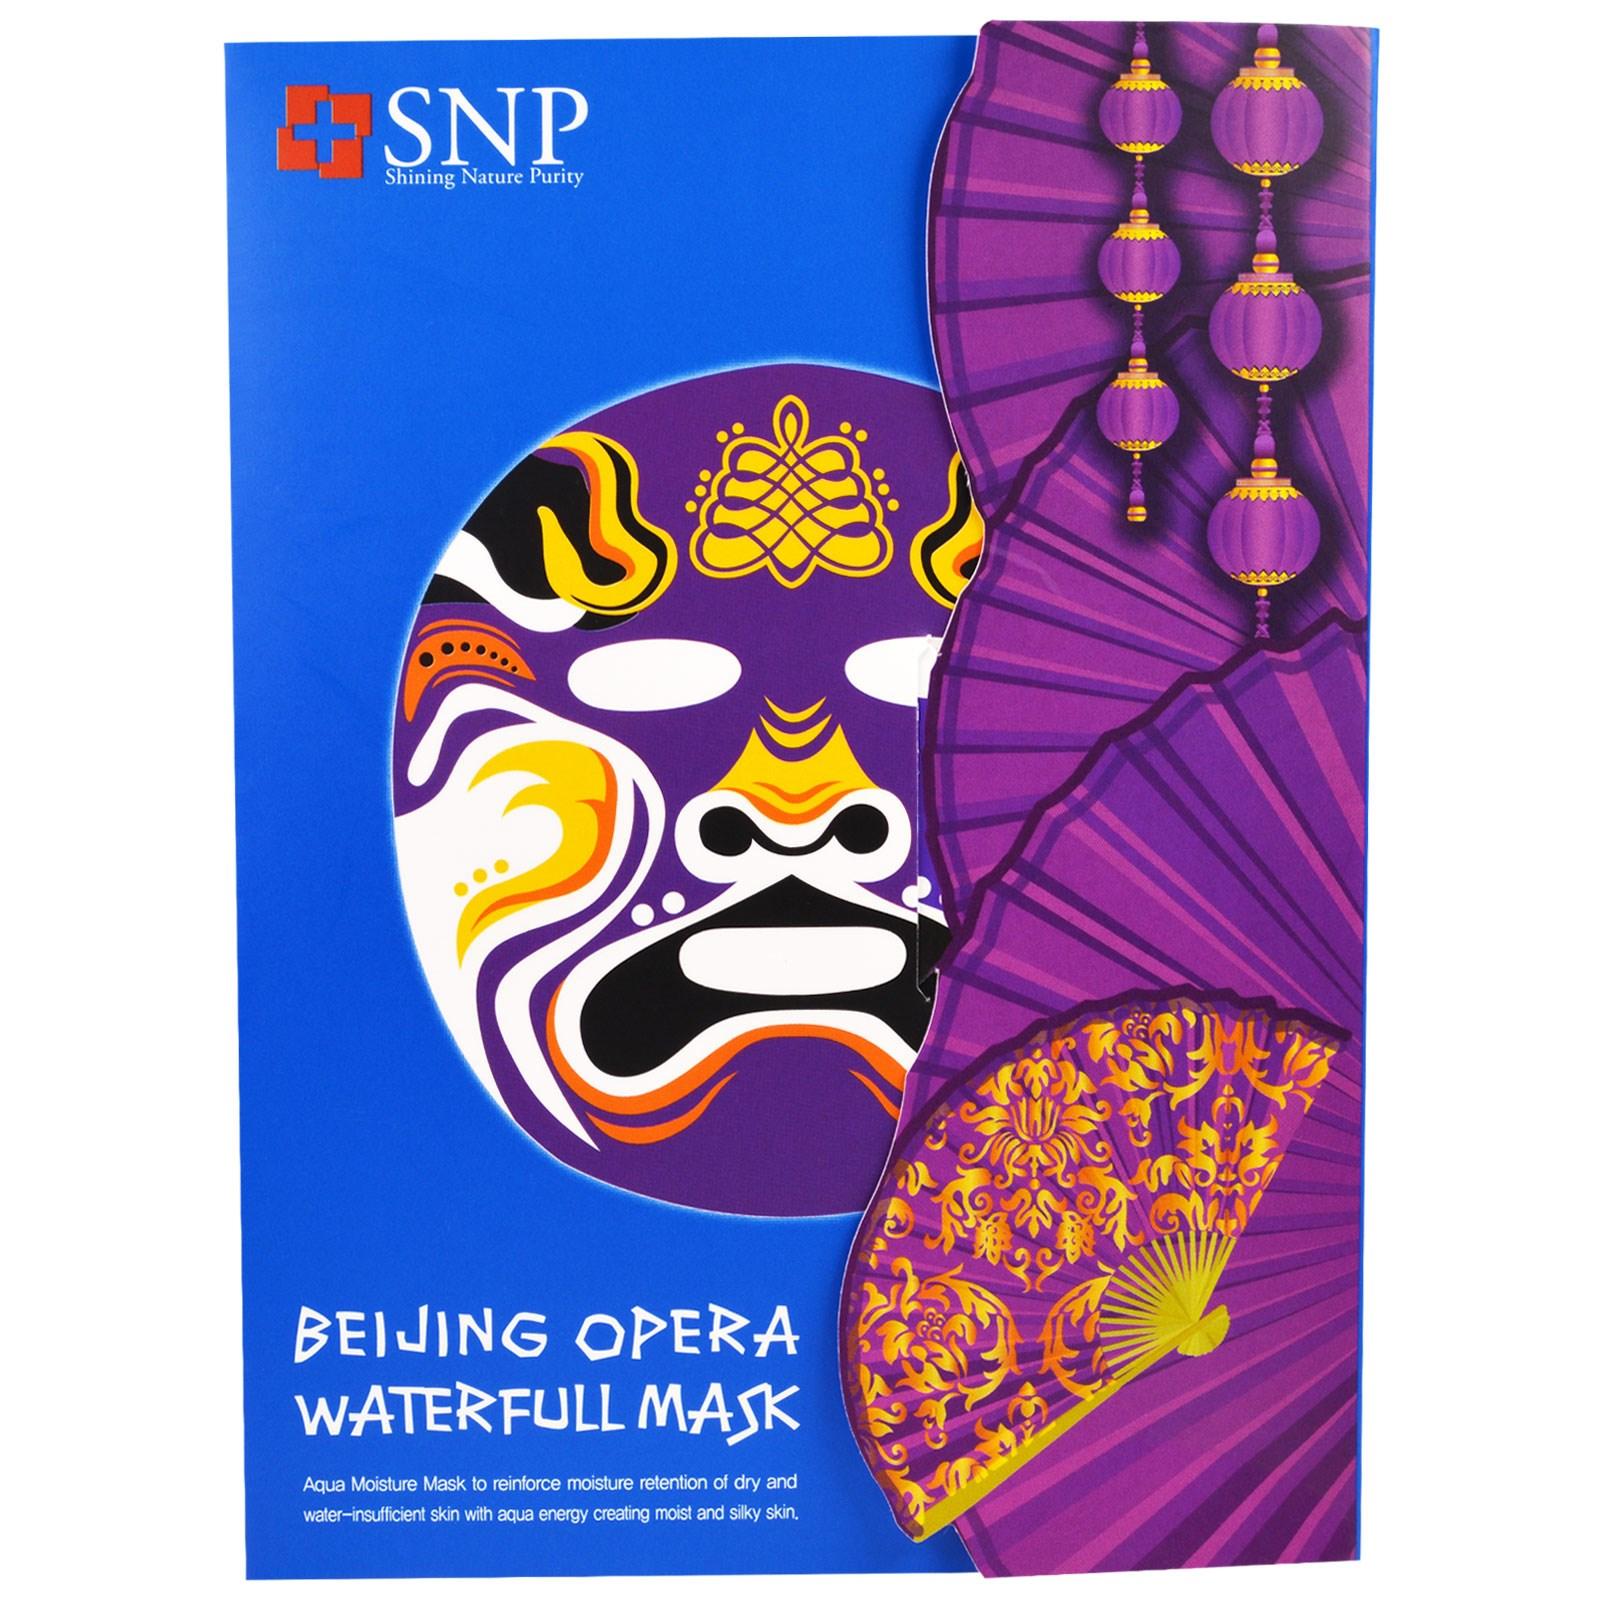 SNP, Водяная маска Пекинской оперы, 10 масок по 25 мл каждая